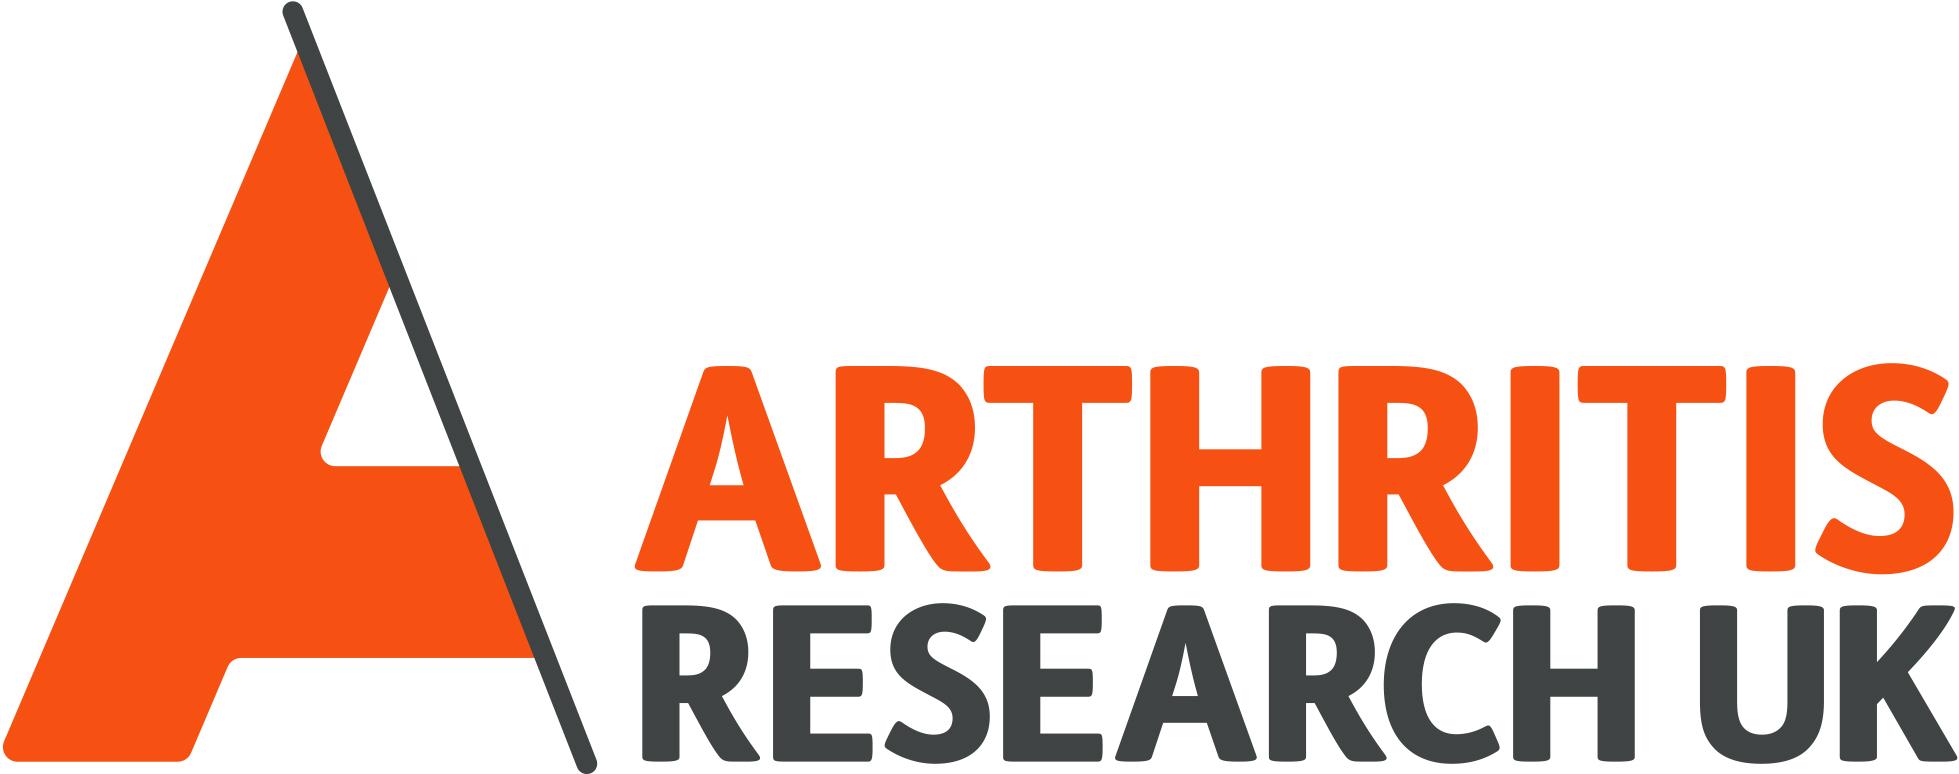 ArthritisResearch_HZ_RGB_Logo_300dpi.jpg